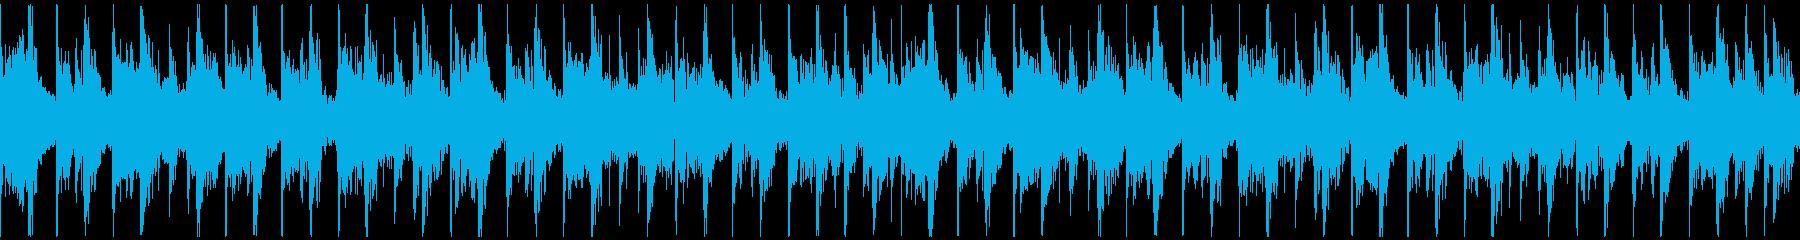 【ループ】明るい口笛&タムタムの再生済みの波形